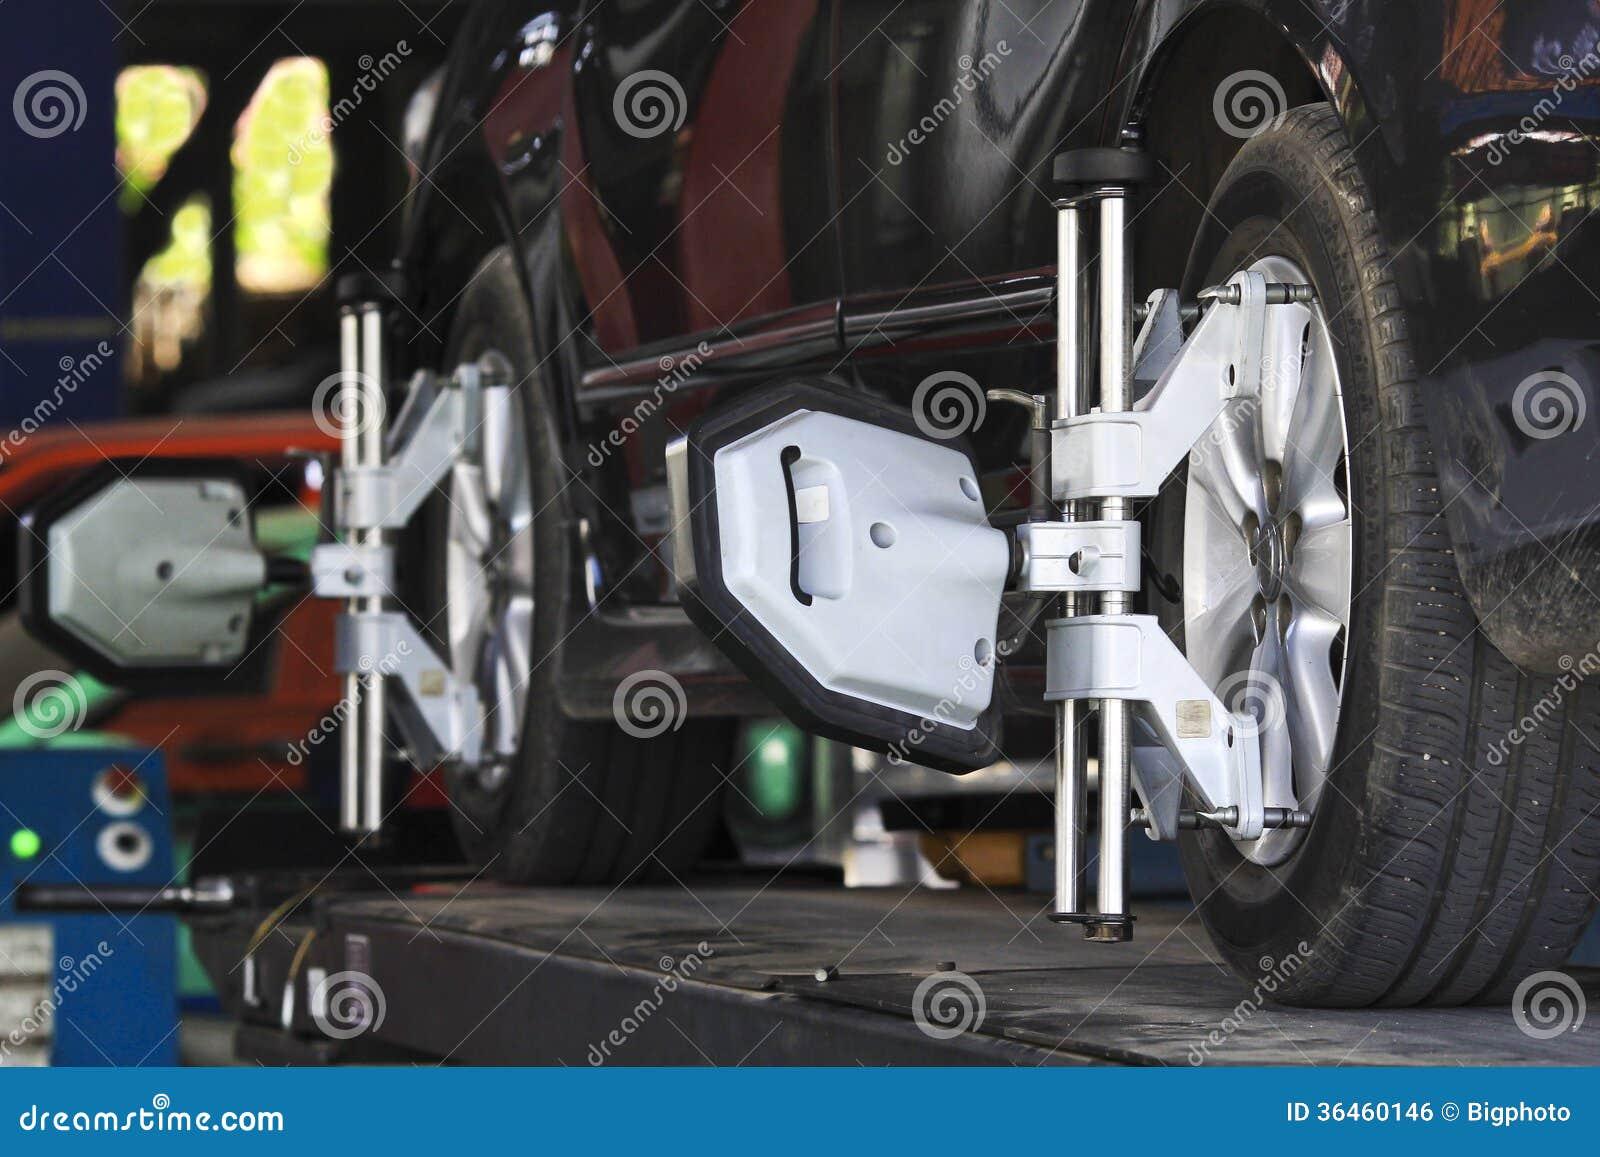 Ρόδα αυτοκινήτων που καθορίζεται με τον αυτοματοποιημένο σφιγκτήρα μηχανών ευθυγράμμισης ροδών